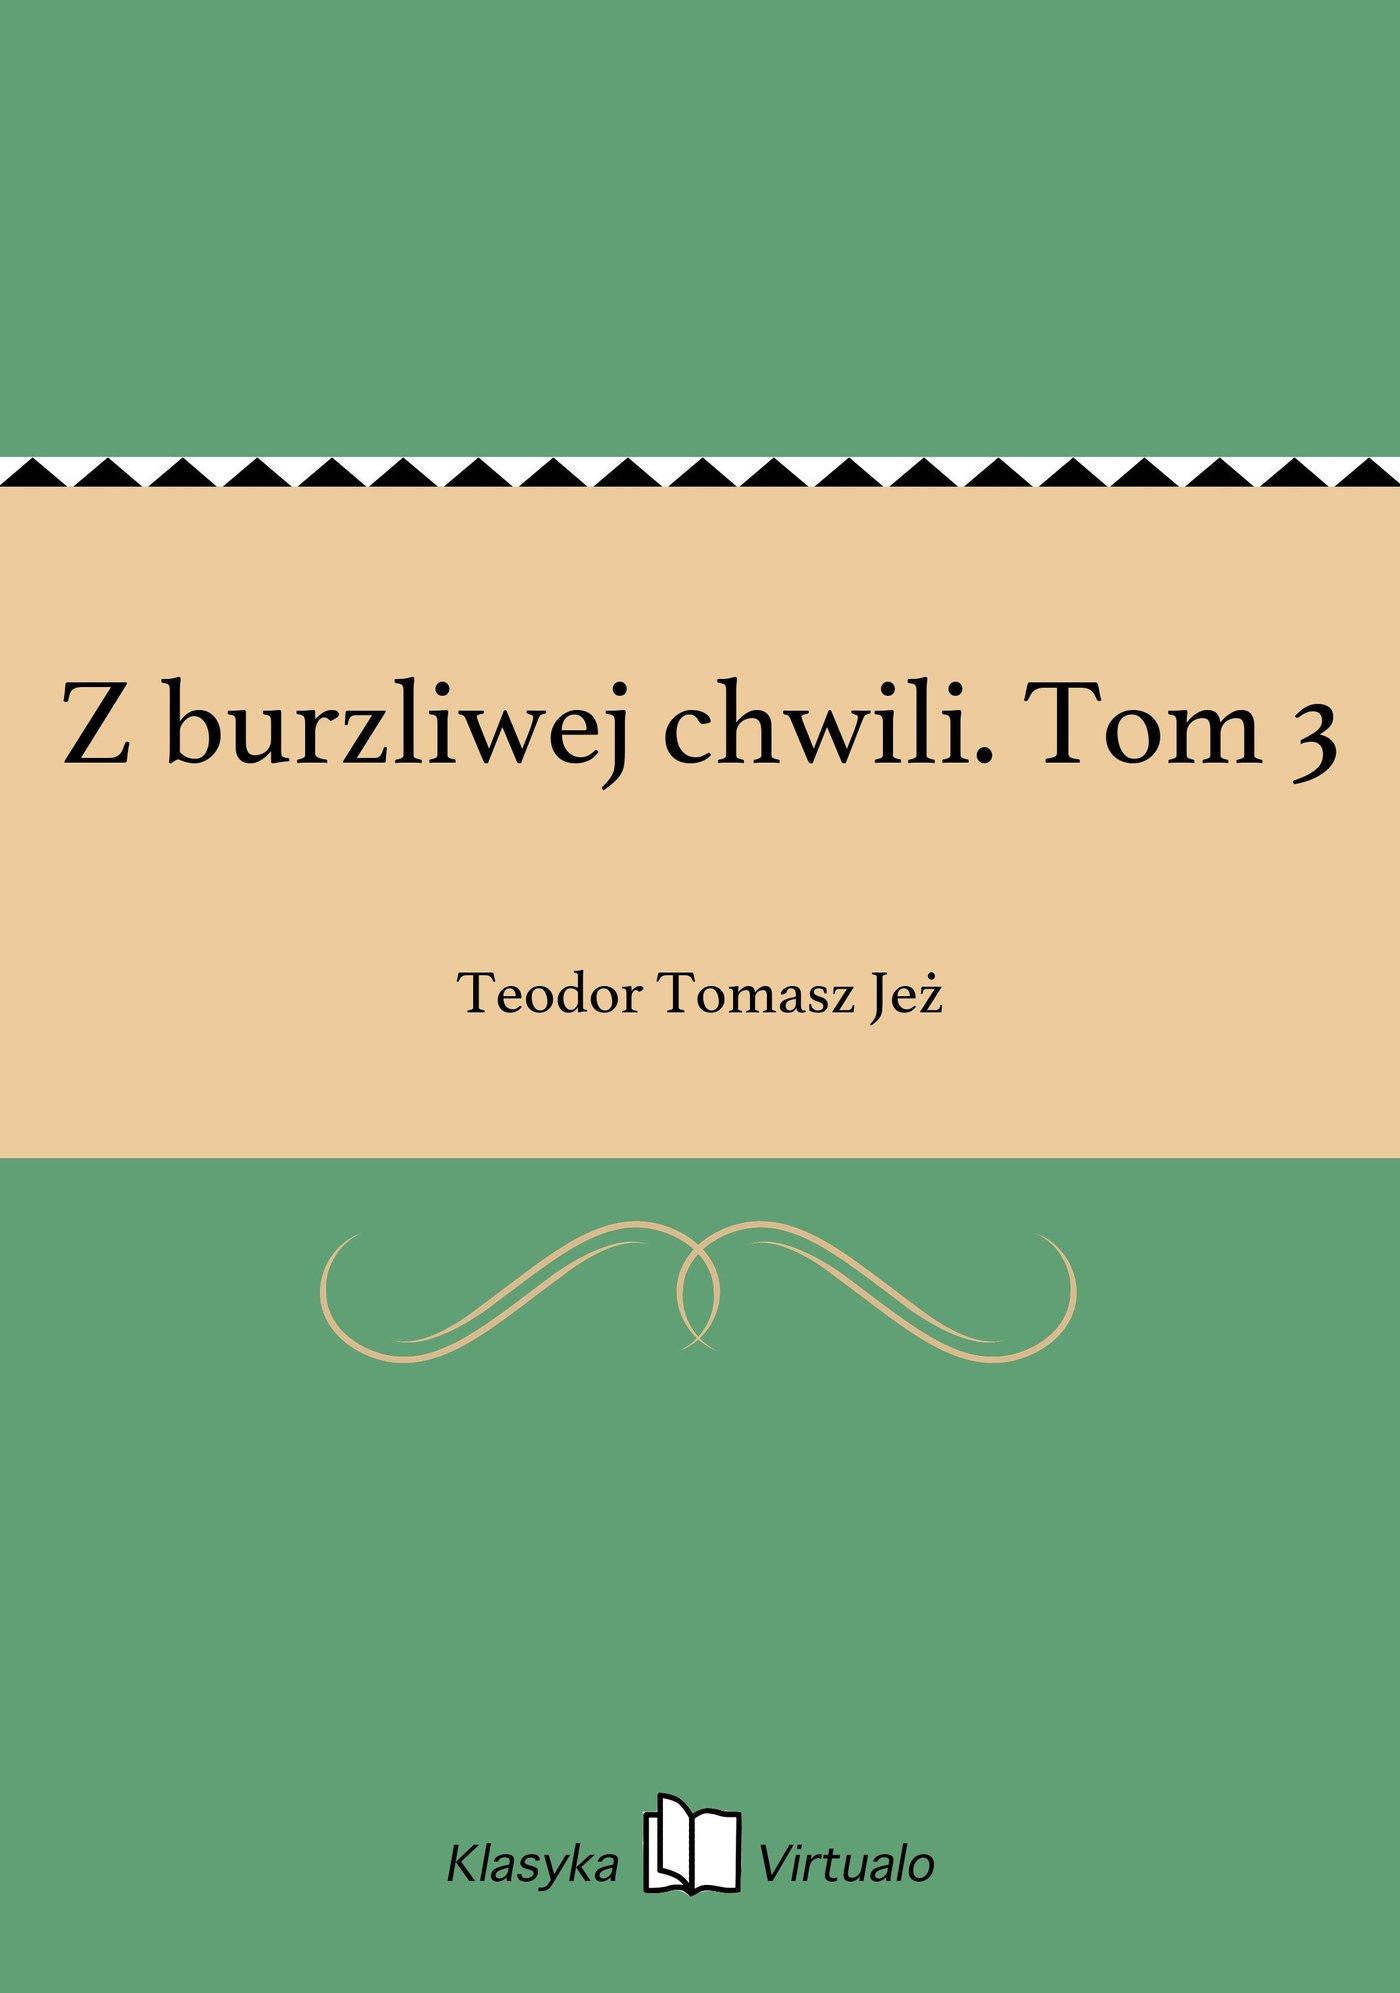 Z burzliwej chwili. Tom 3 - Ebook (Książka EPUB) do pobrania w formacie EPUB